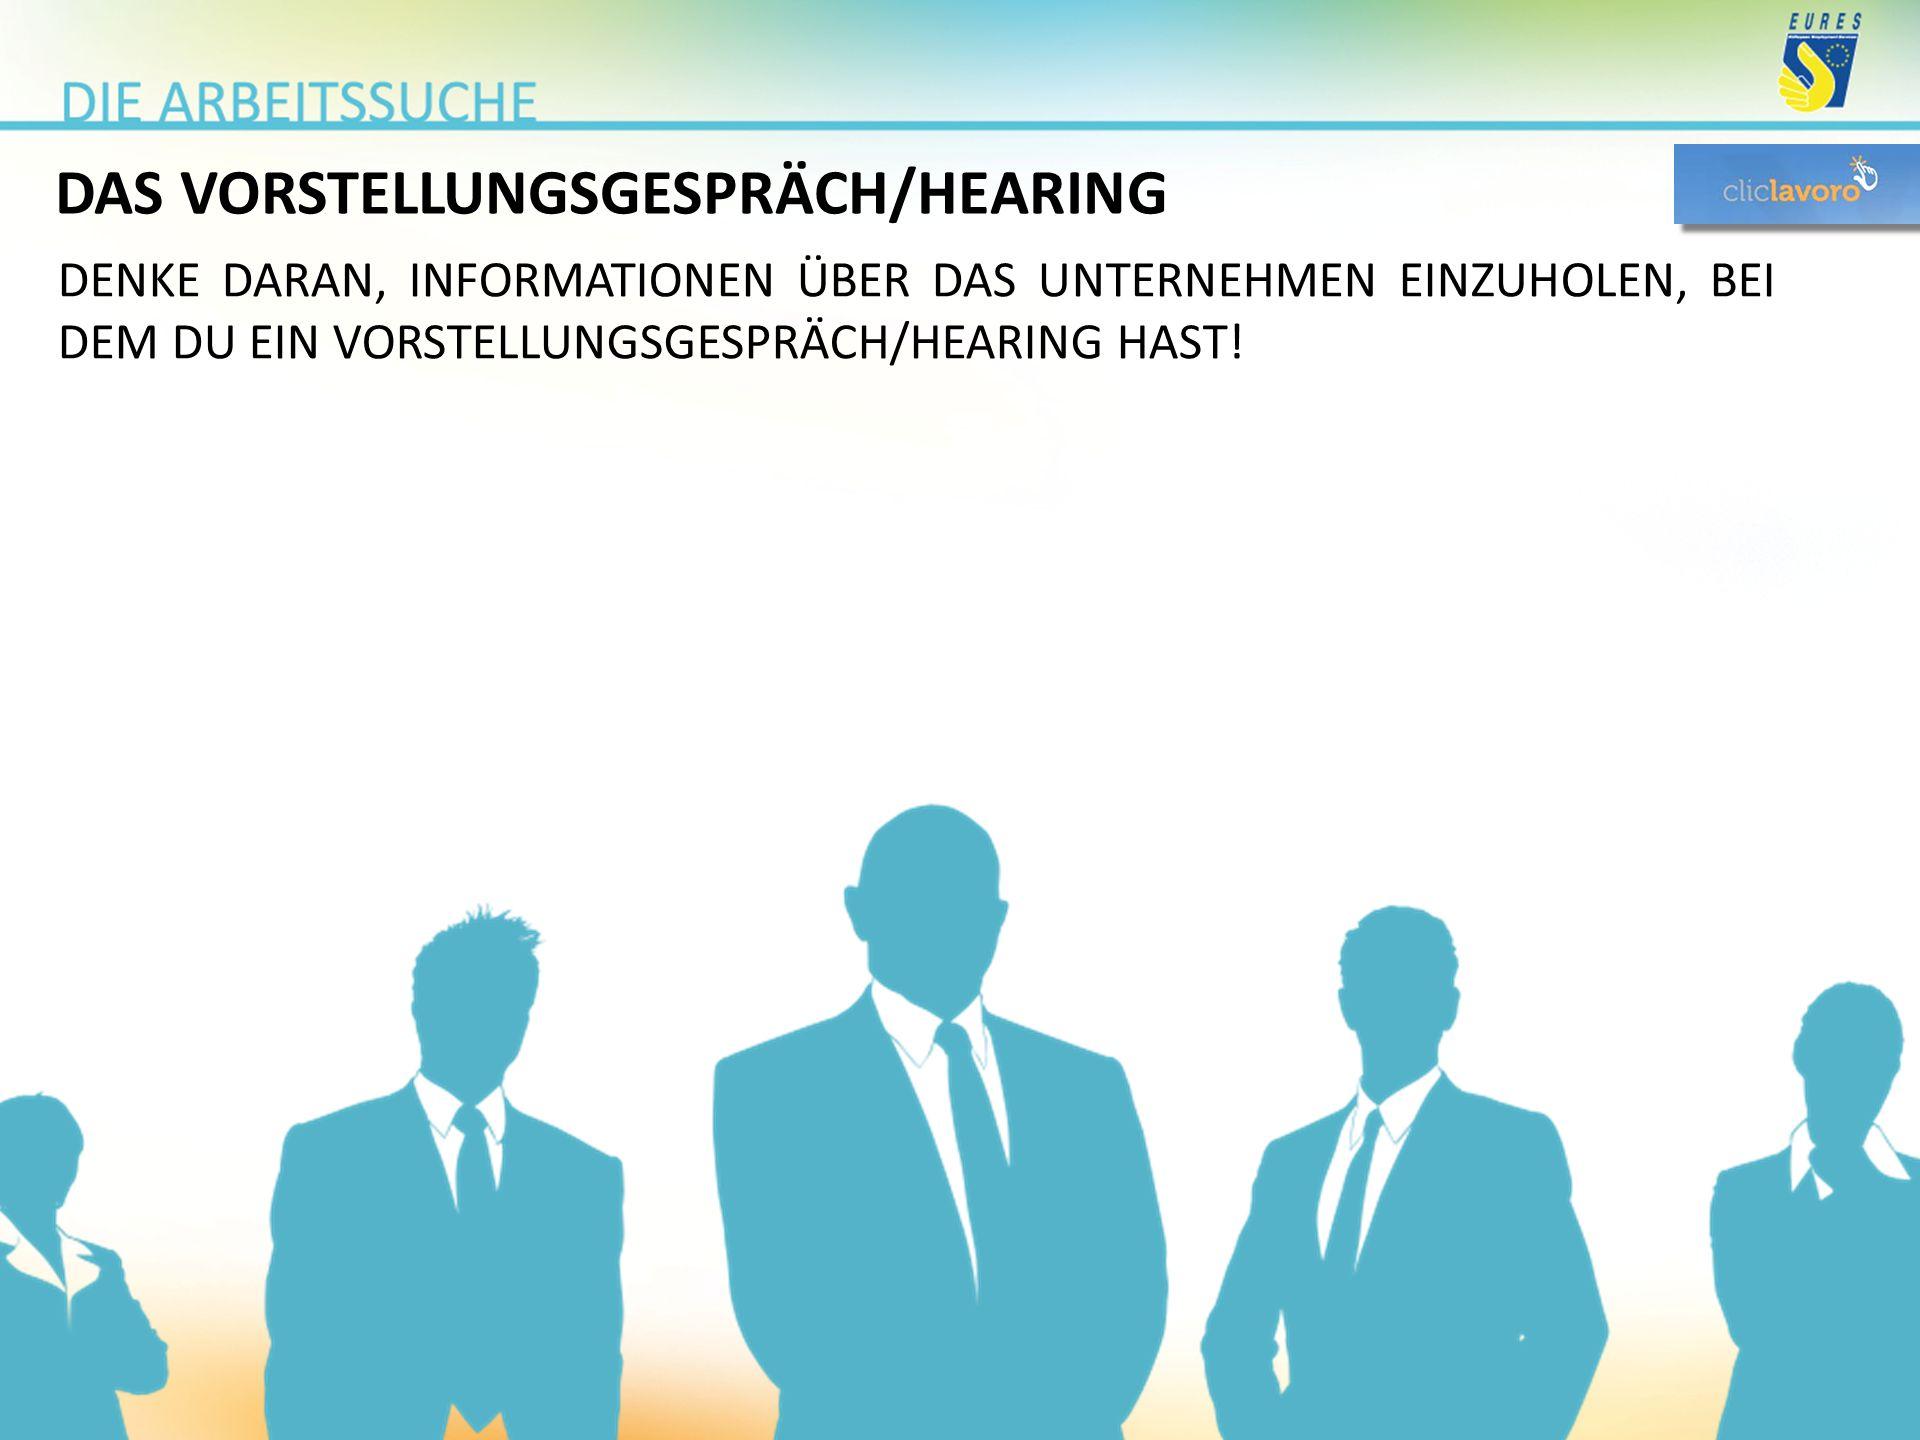 DAS VORSTELLUNGSGESPRÄCH/HEARING DENKE DARAN, INFORMATIONEN ÜBER DAS UNTERNEHMEN EINZUHOLEN, BEI DEM DU EIN VORSTELLUNGSGESPRÄCH/HEARING HAST!